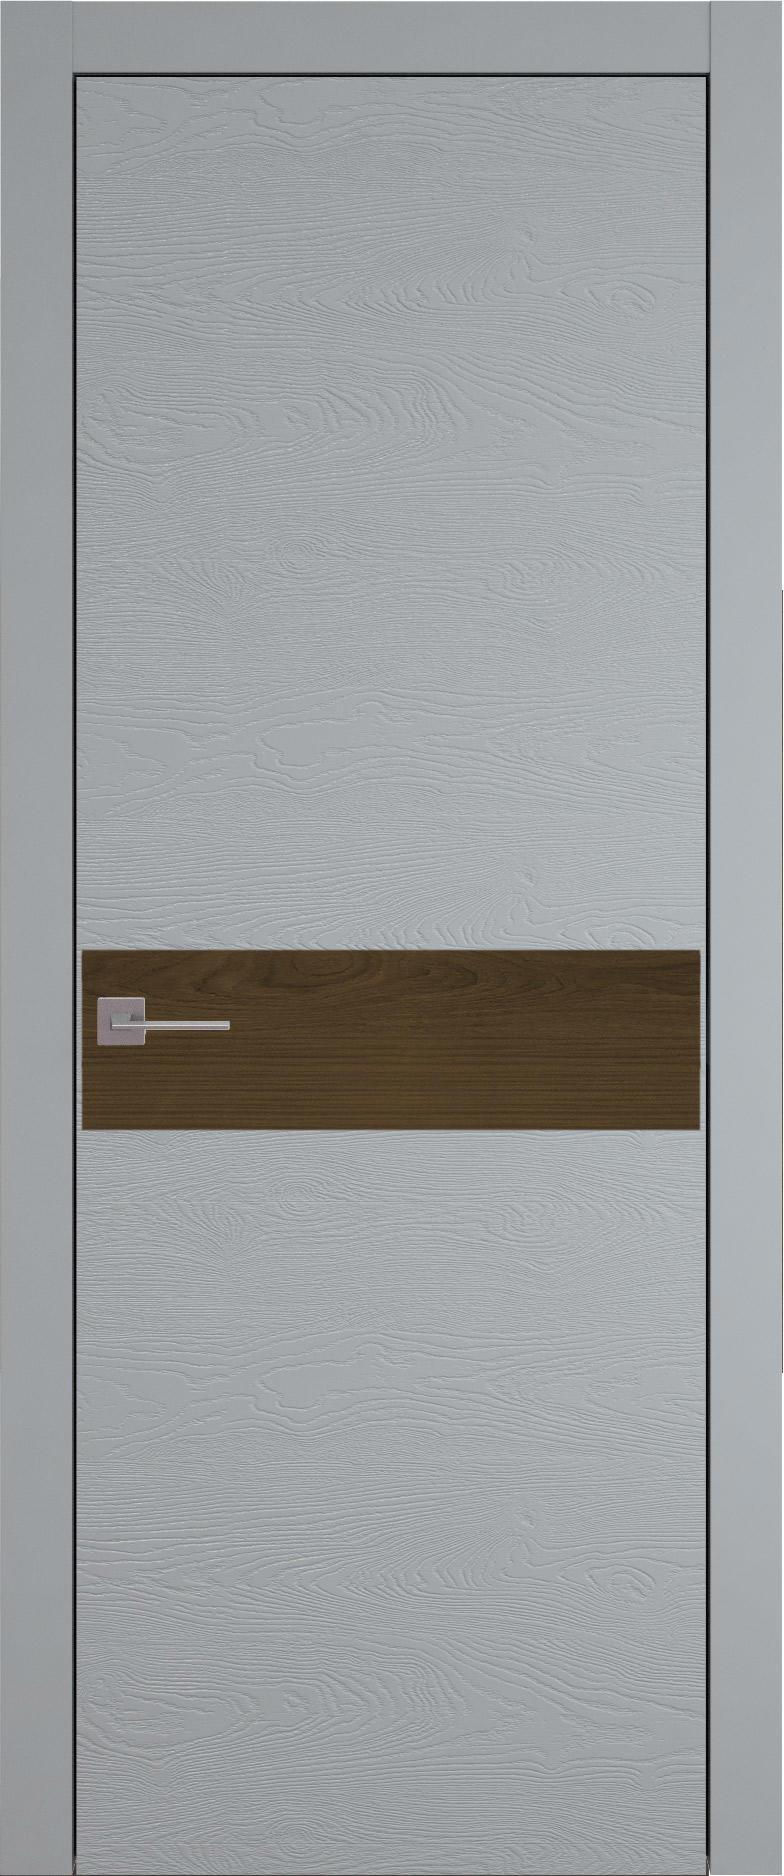 Tivoli И-4 цвет - Серебристо-серая эмаль по шпону (RAL 7045) Без стекла (ДГ)